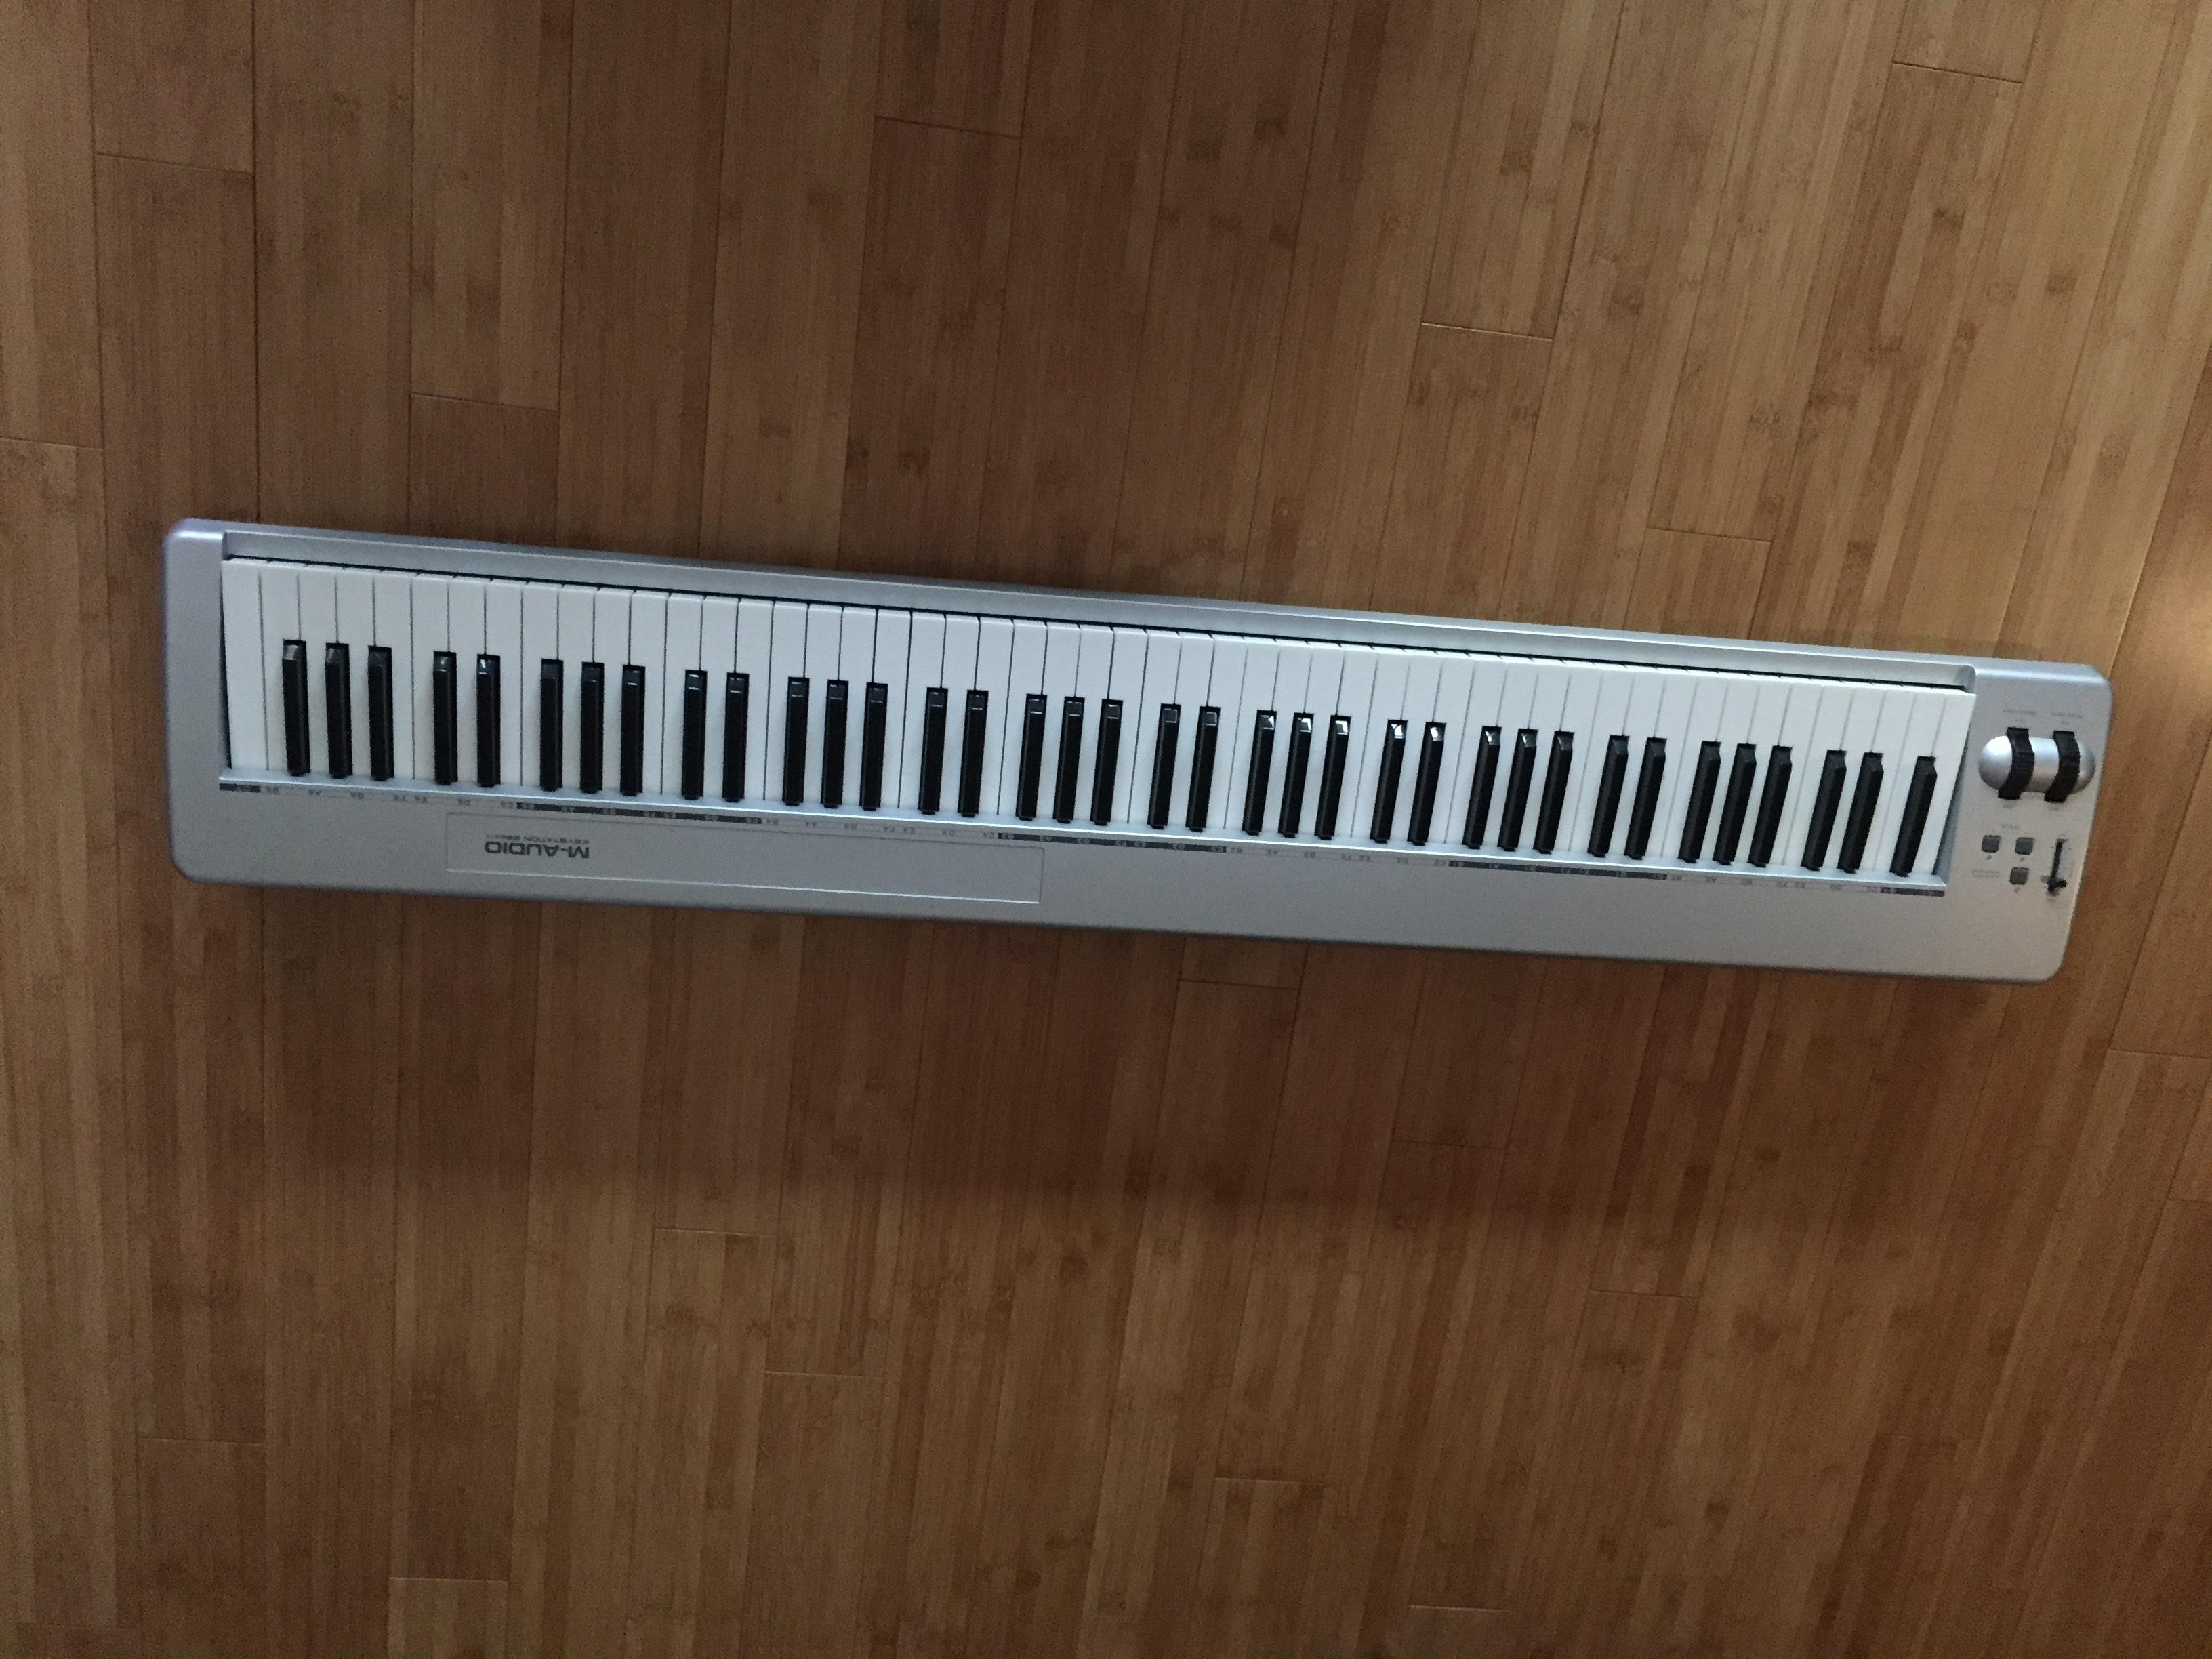 clavier m audio keystation 88 es ile de france. Black Bedroom Furniture Sets. Home Design Ideas